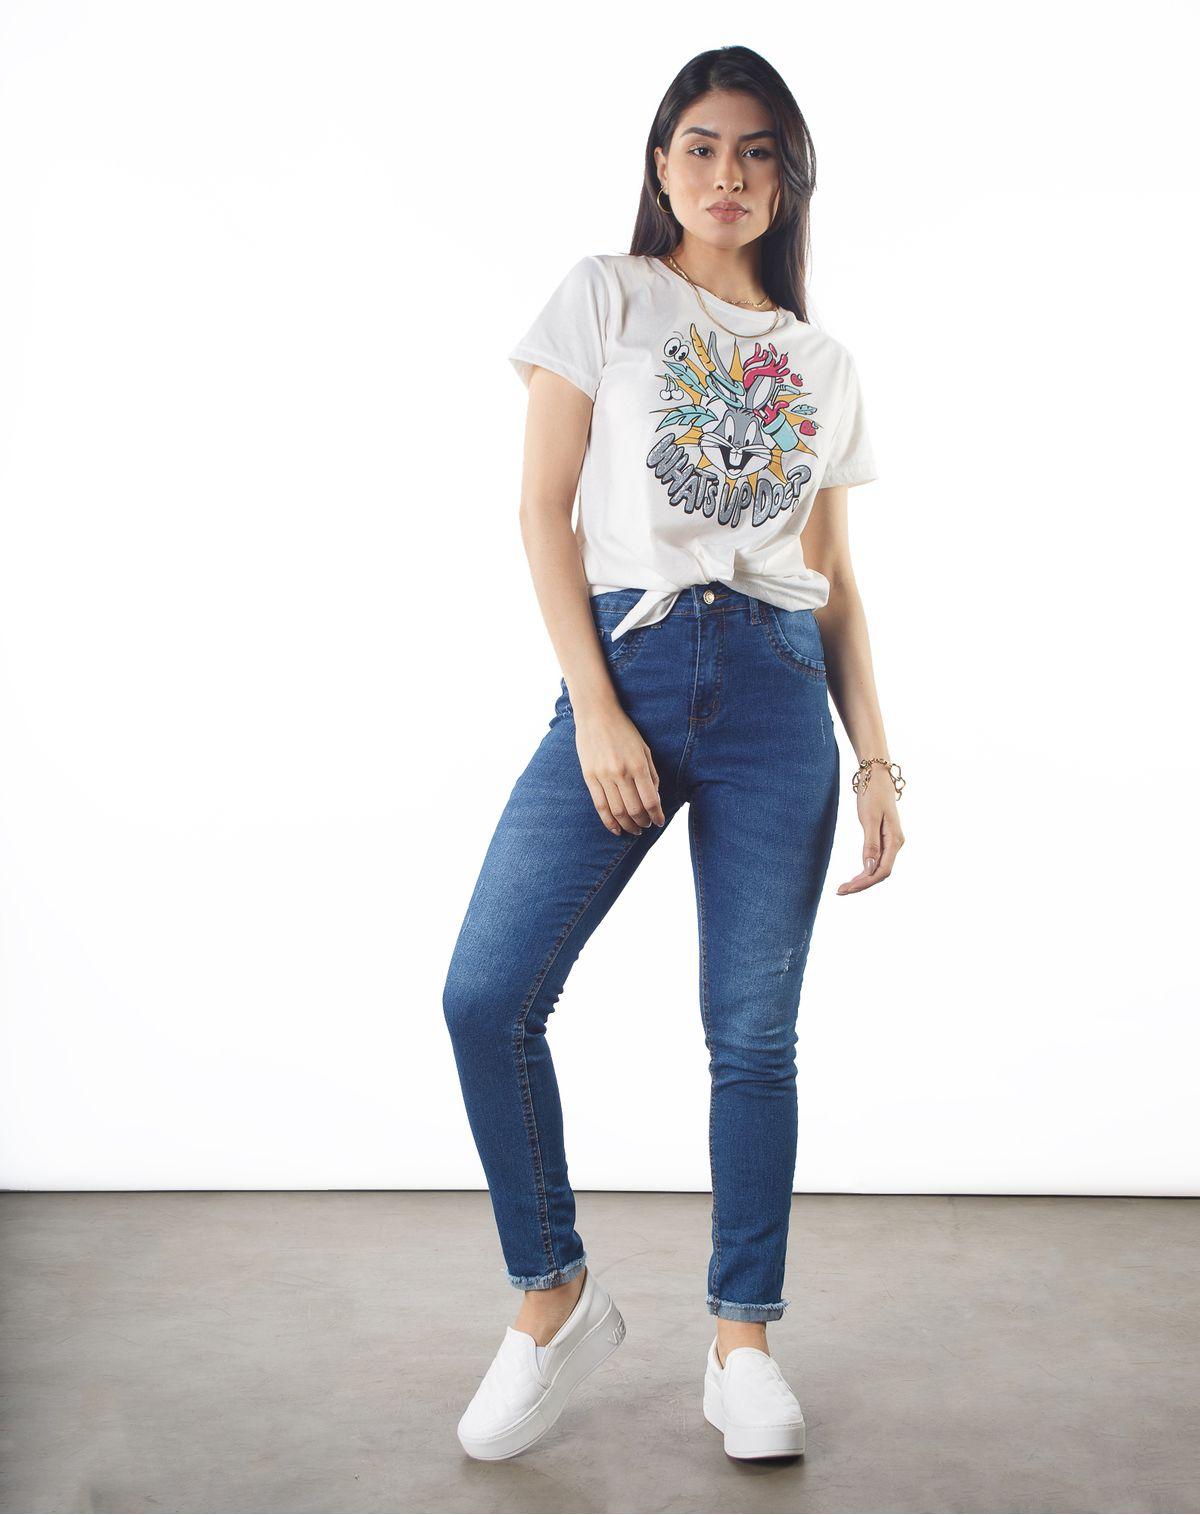 577794003-calca-jeans-escuro-cigarrete-feminina-barra-dobrado-jeans-escuro-40-8cb